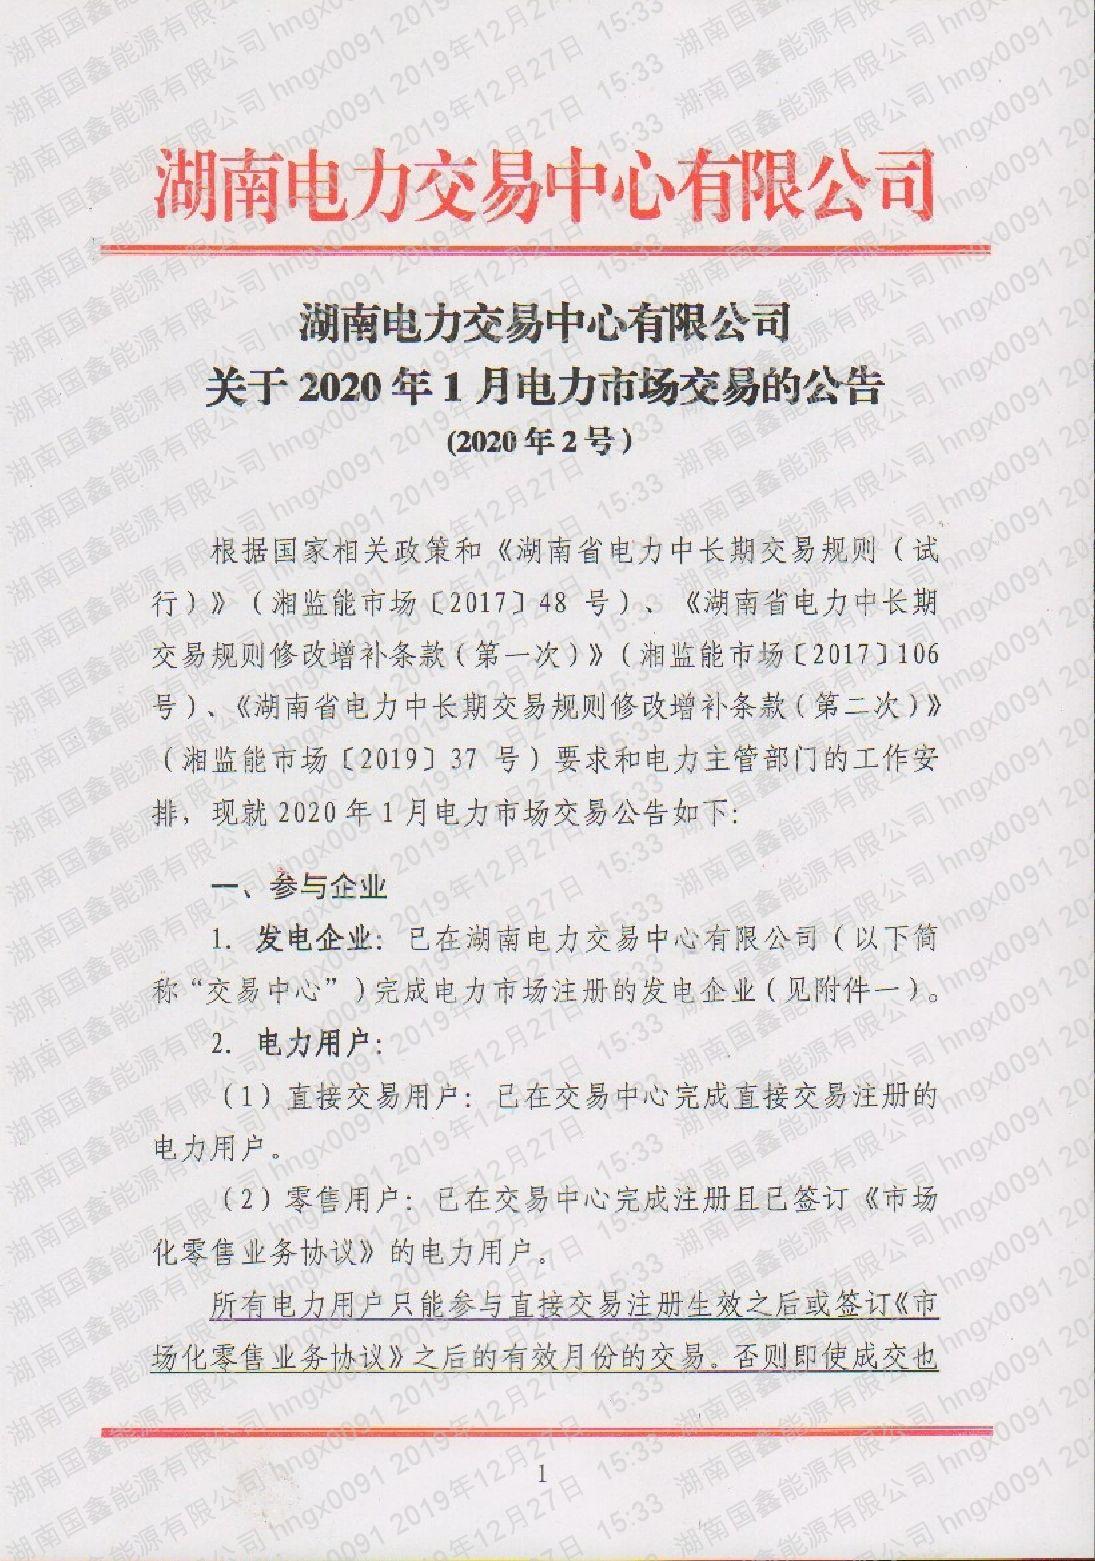 2020年第2號交易公告(1月月度交易).pdf_page_1_compressed.jpg